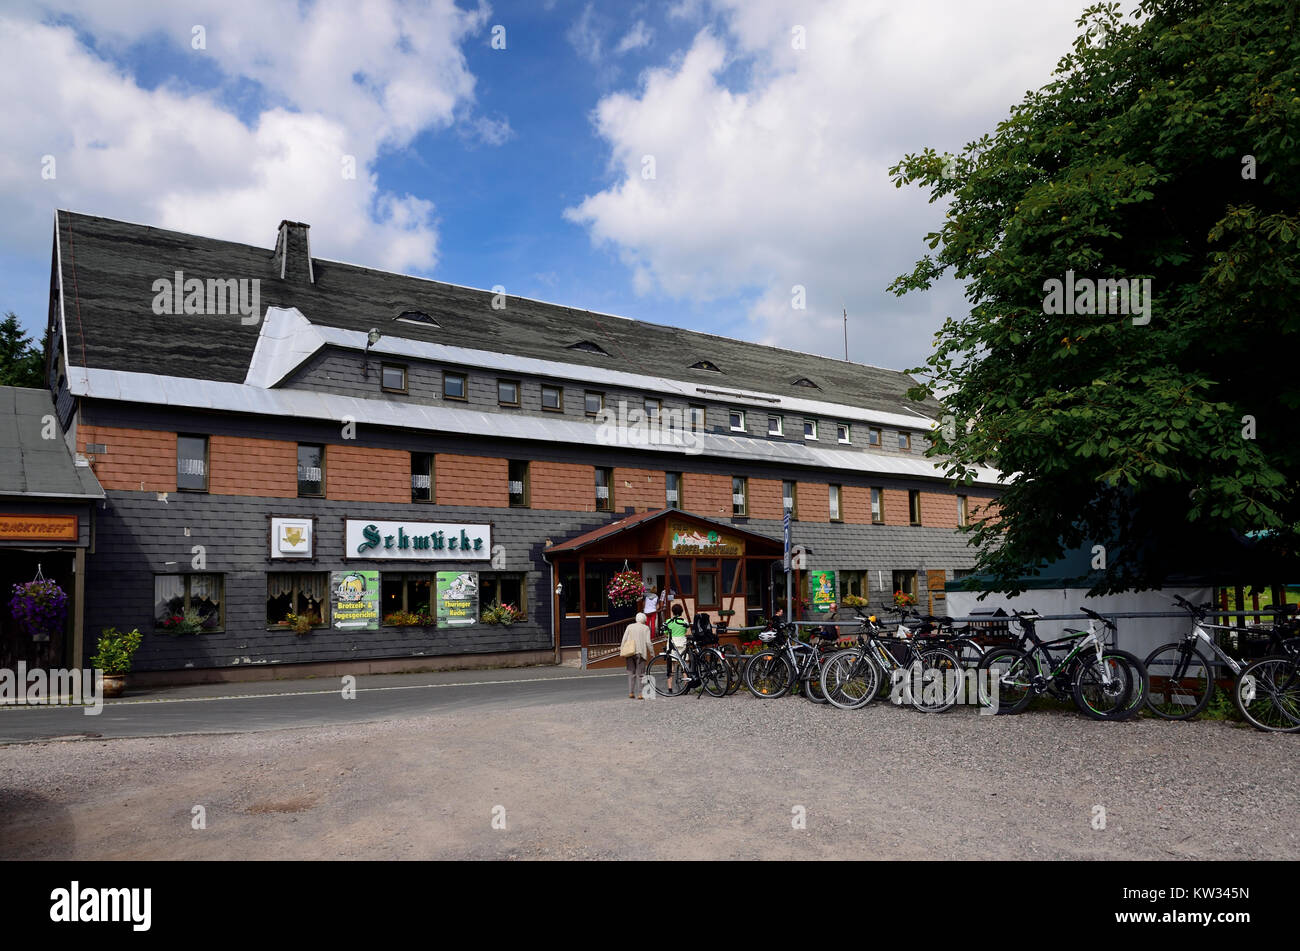 Historische Mountain Inn Dekorieren in der Racing steilen Weg, Thüringer Wald, historisches Berggasthaus Schmuecke Stockbild